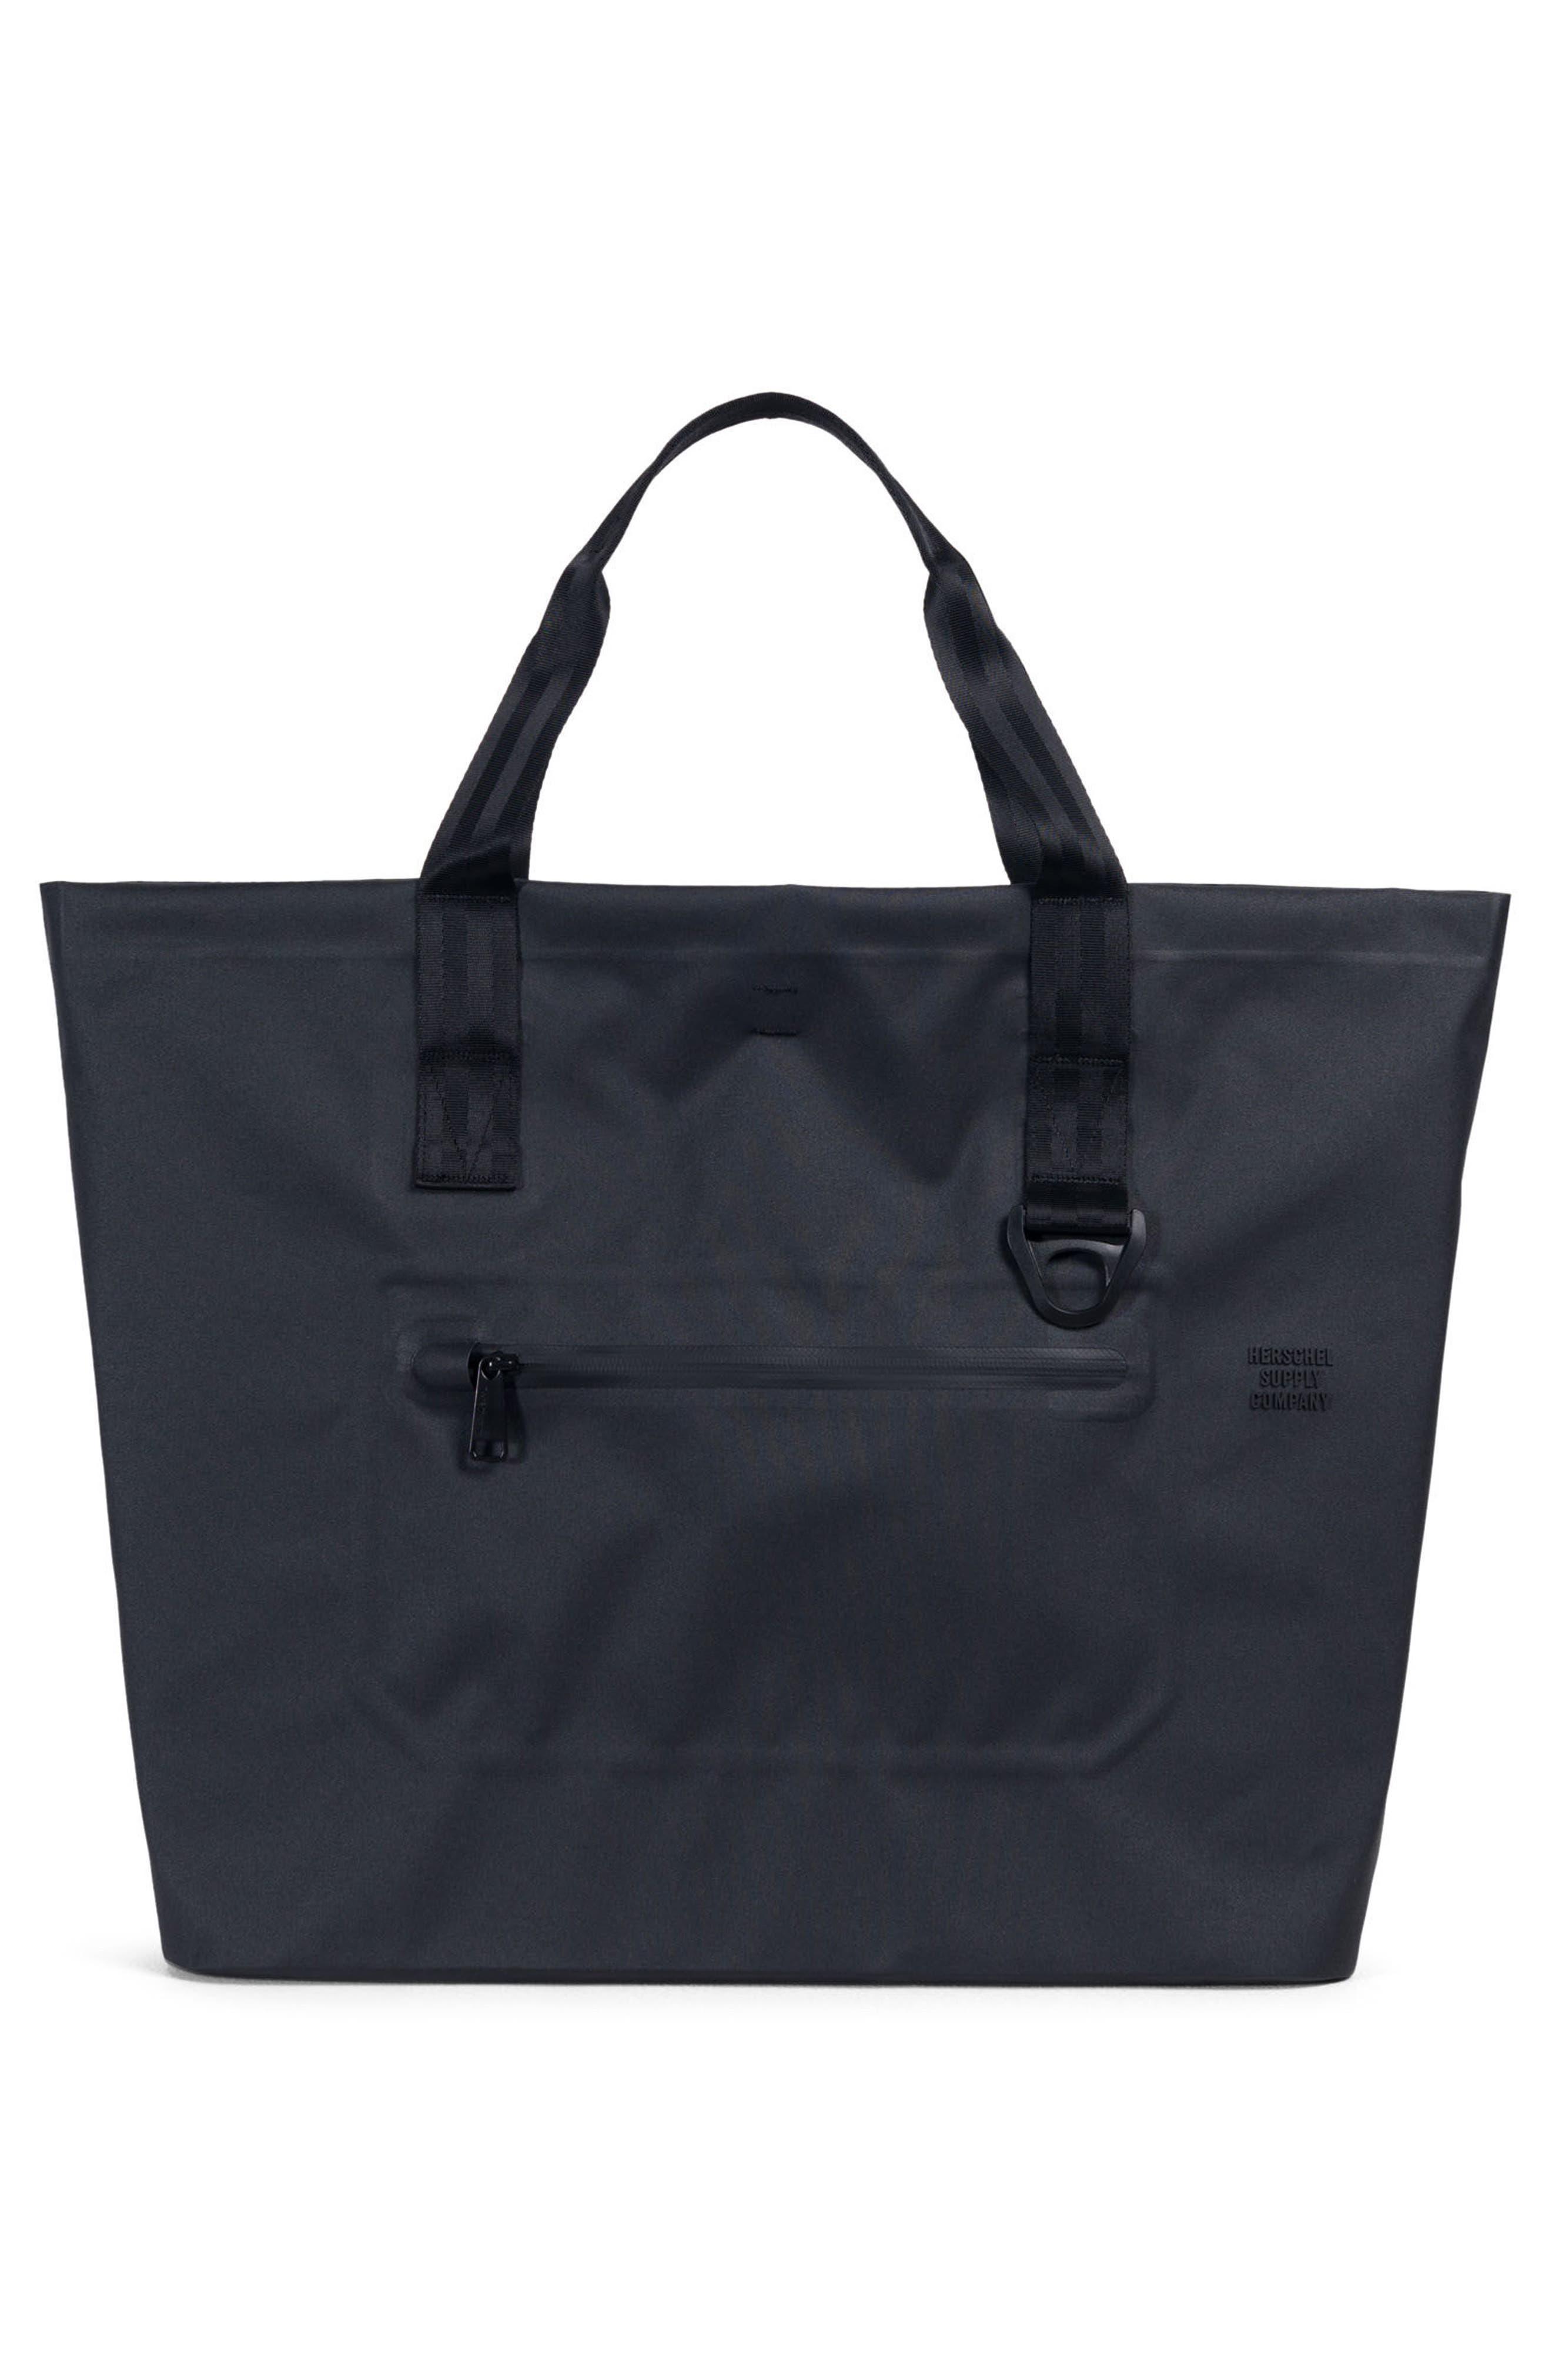 Tarpaulin Alexander Studio Tote Bag,                             Alternate thumbnail 2, color,                             Black